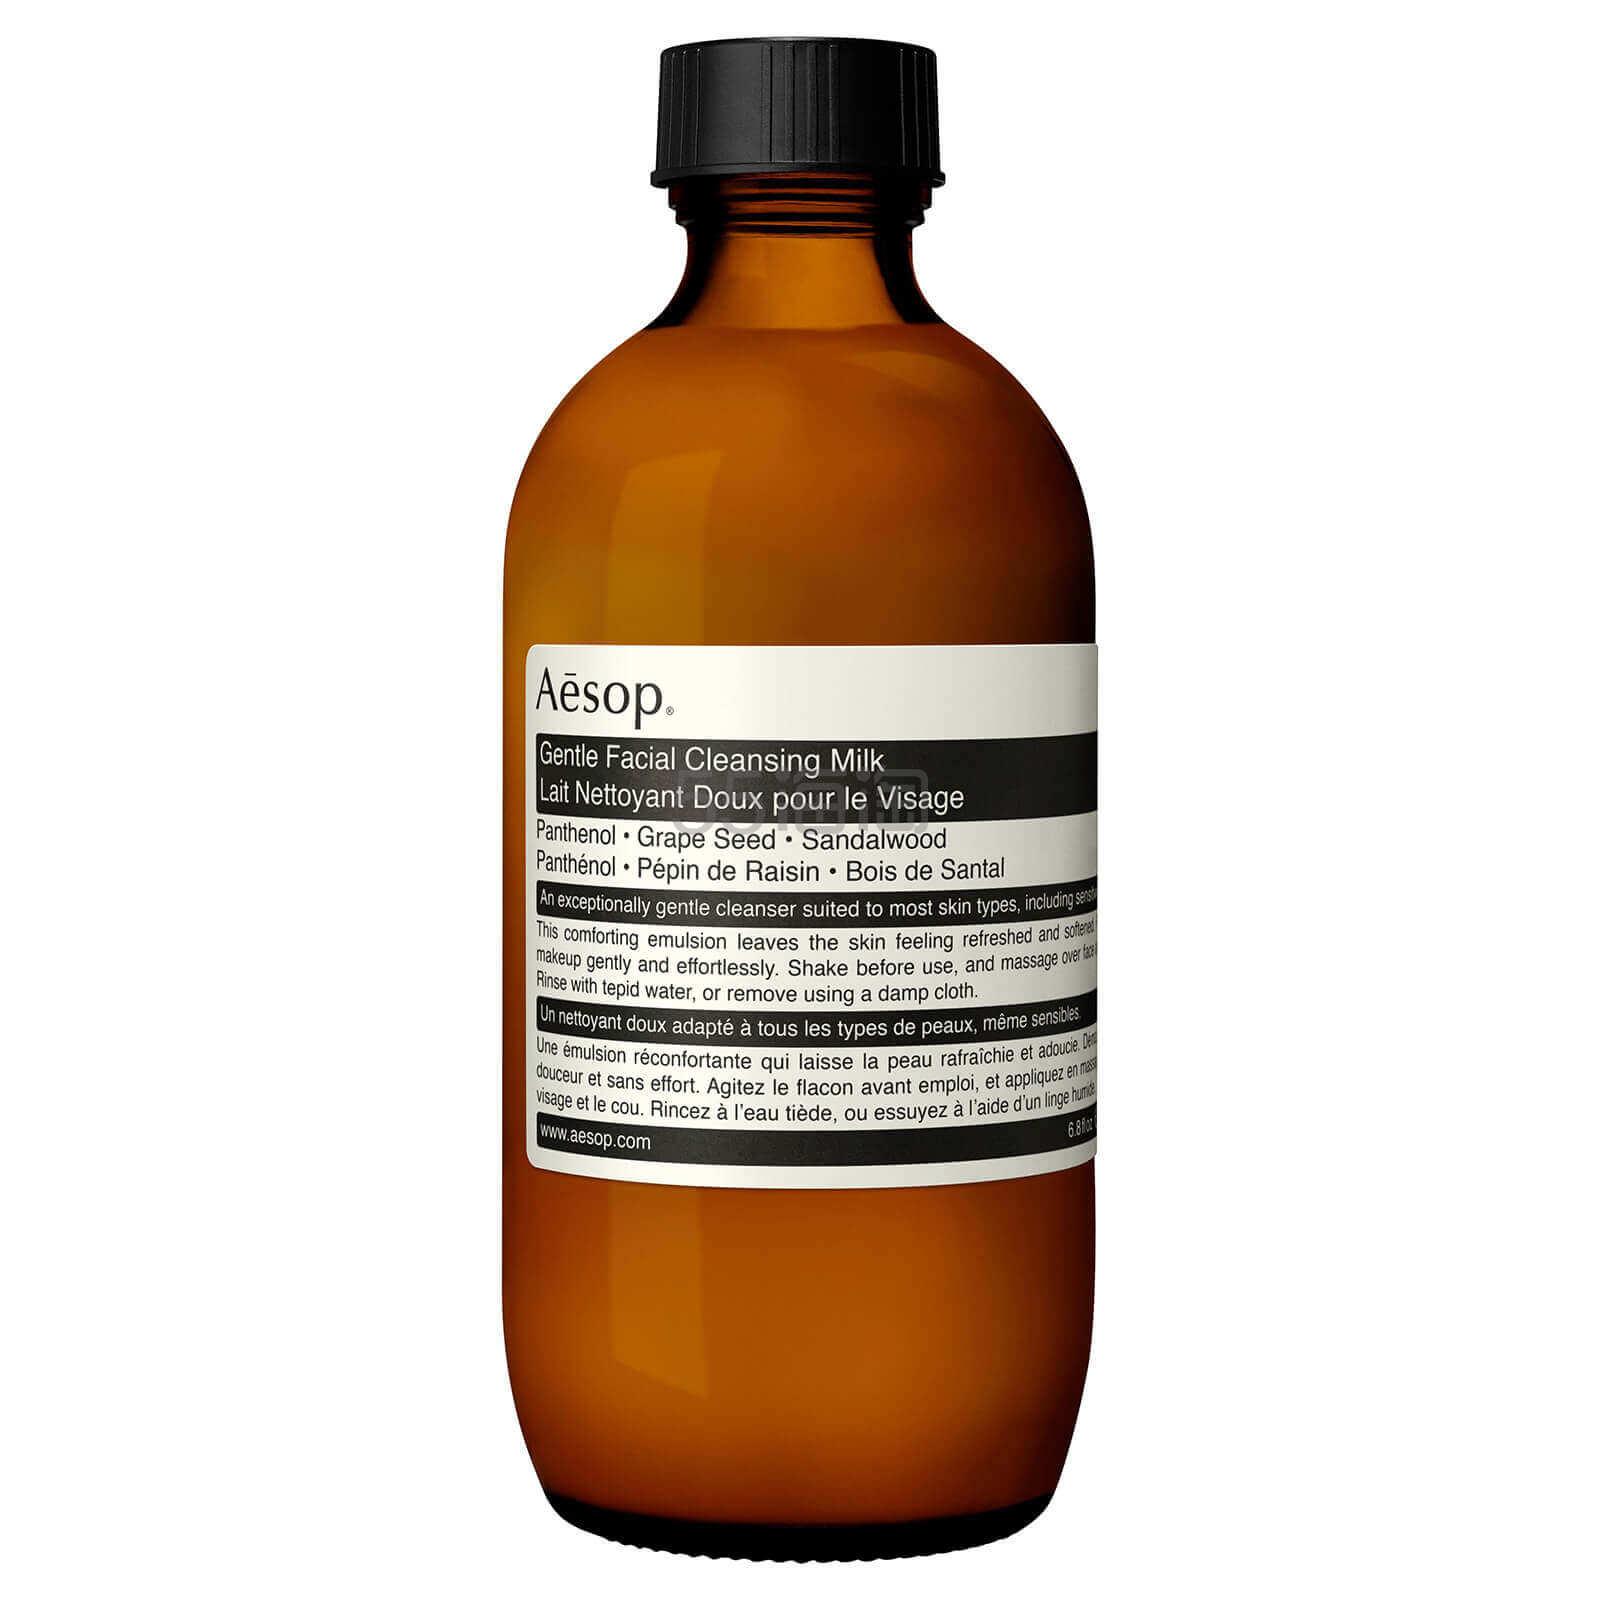 【55专享】Aesop 伊索轻柔洁面乳 100ml £18.25(约166元) - 海淘优惠海淘折扣|55海淘网